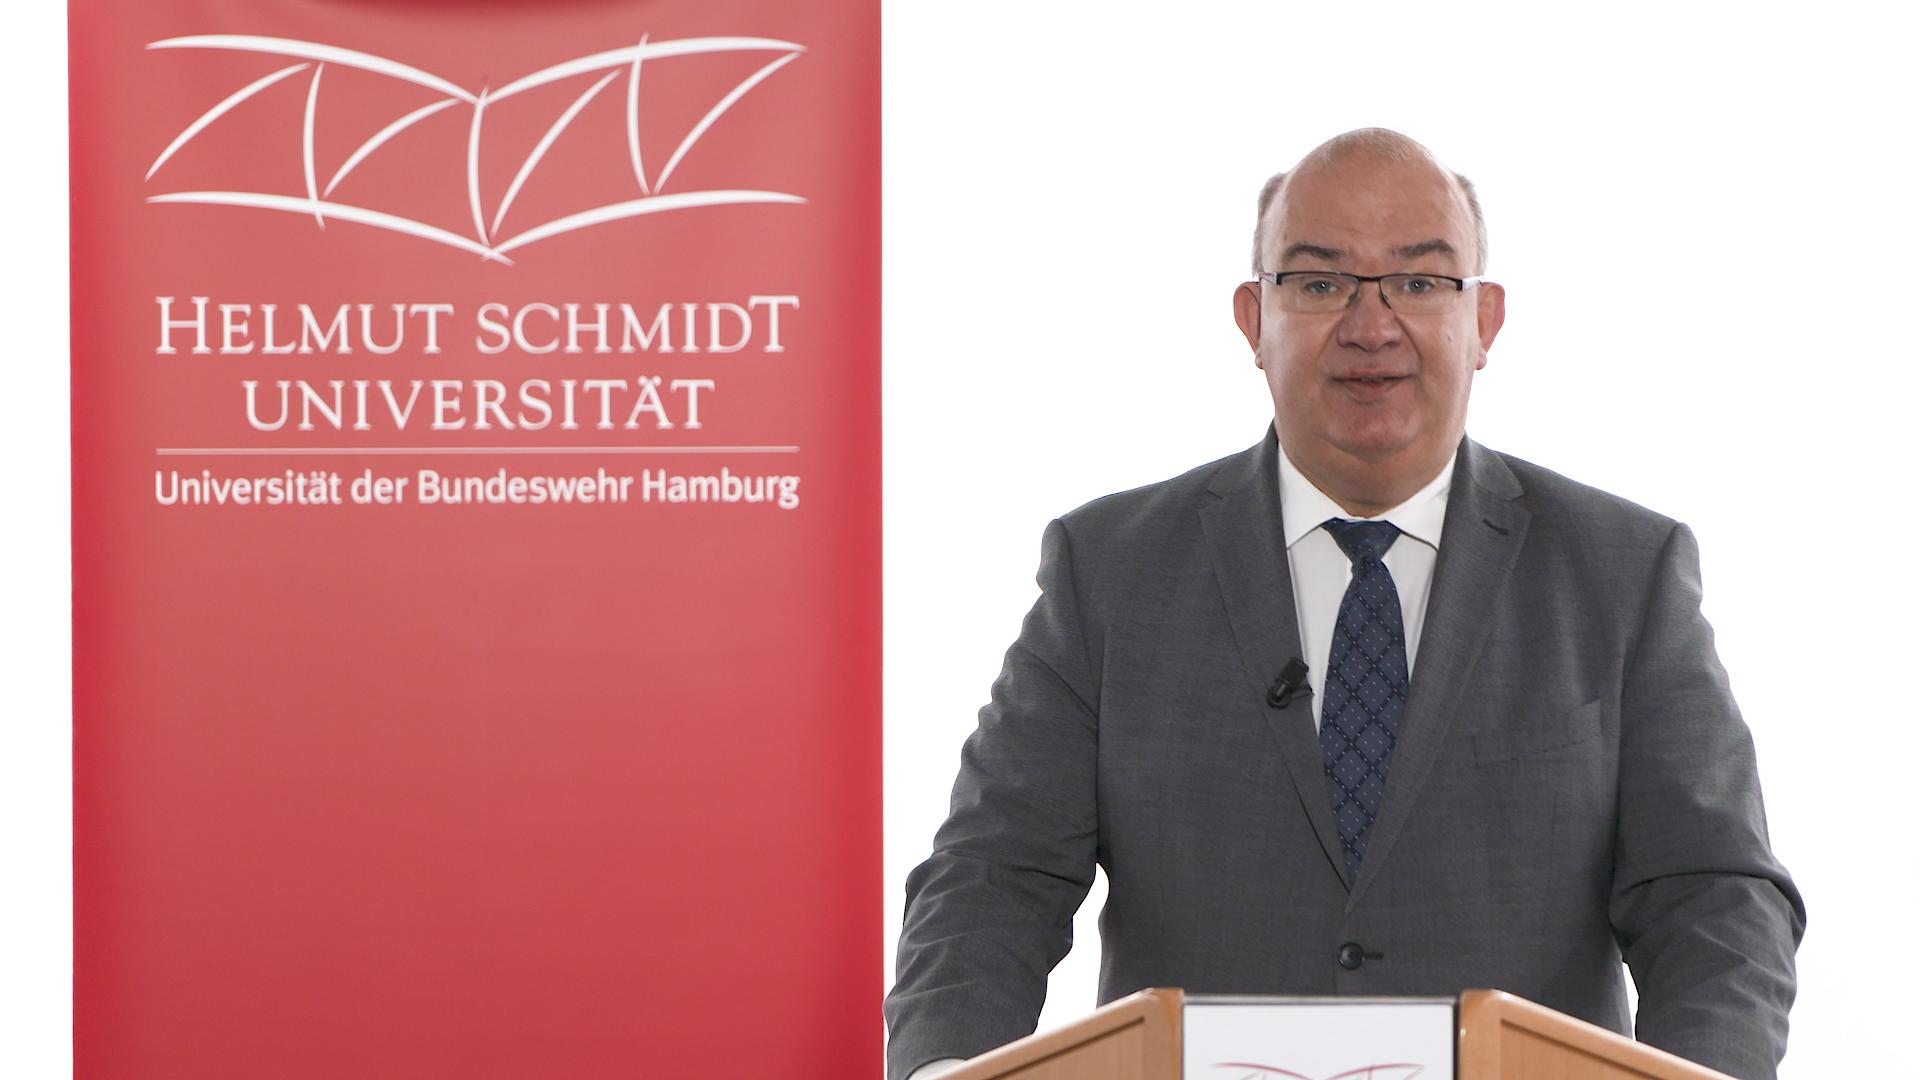 Ein Mann hinter einem Rednerpult, dahinter das Logo der Universität